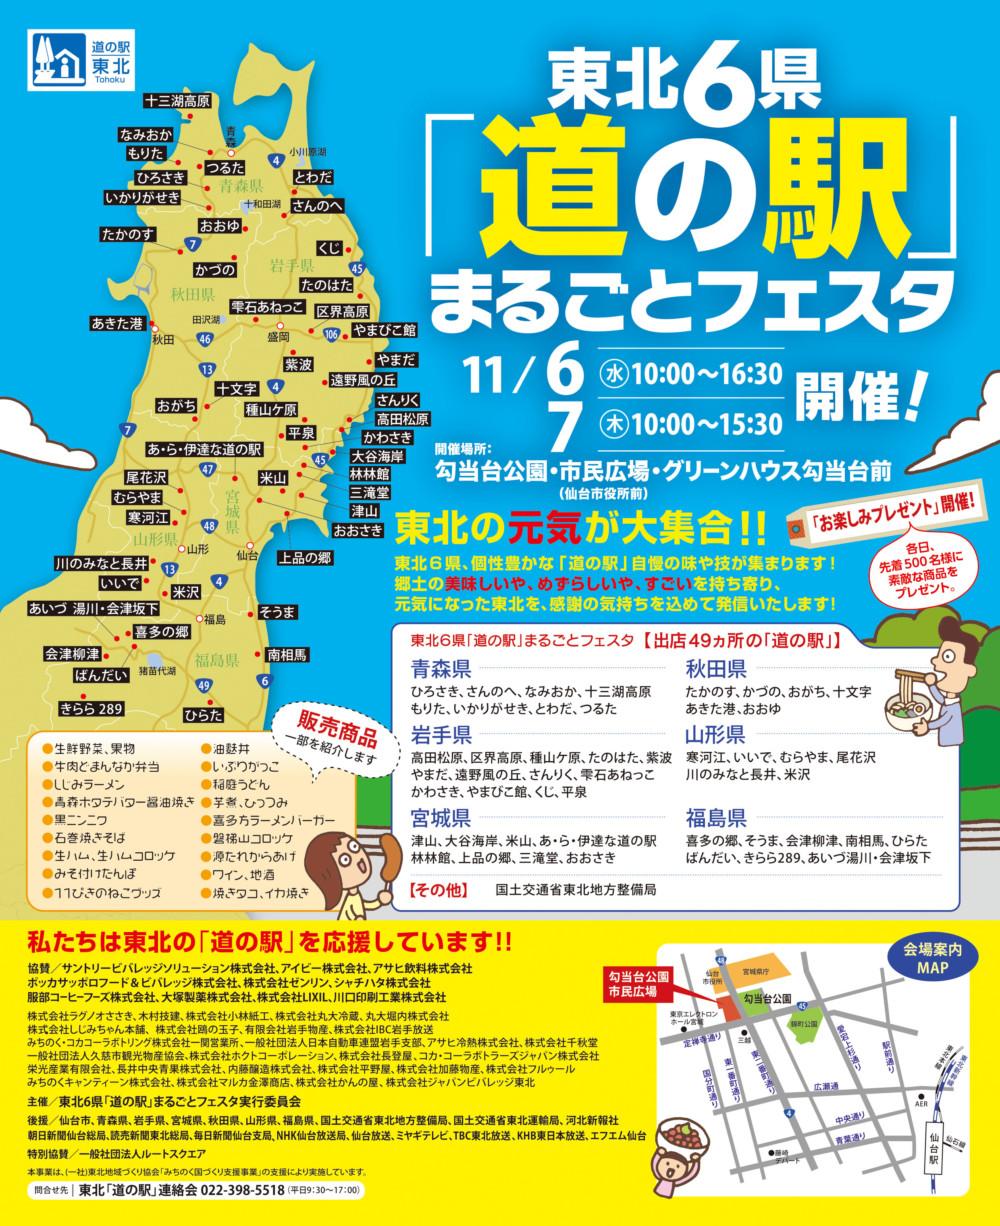 東北6県「道の駅」まるごとフェスタ